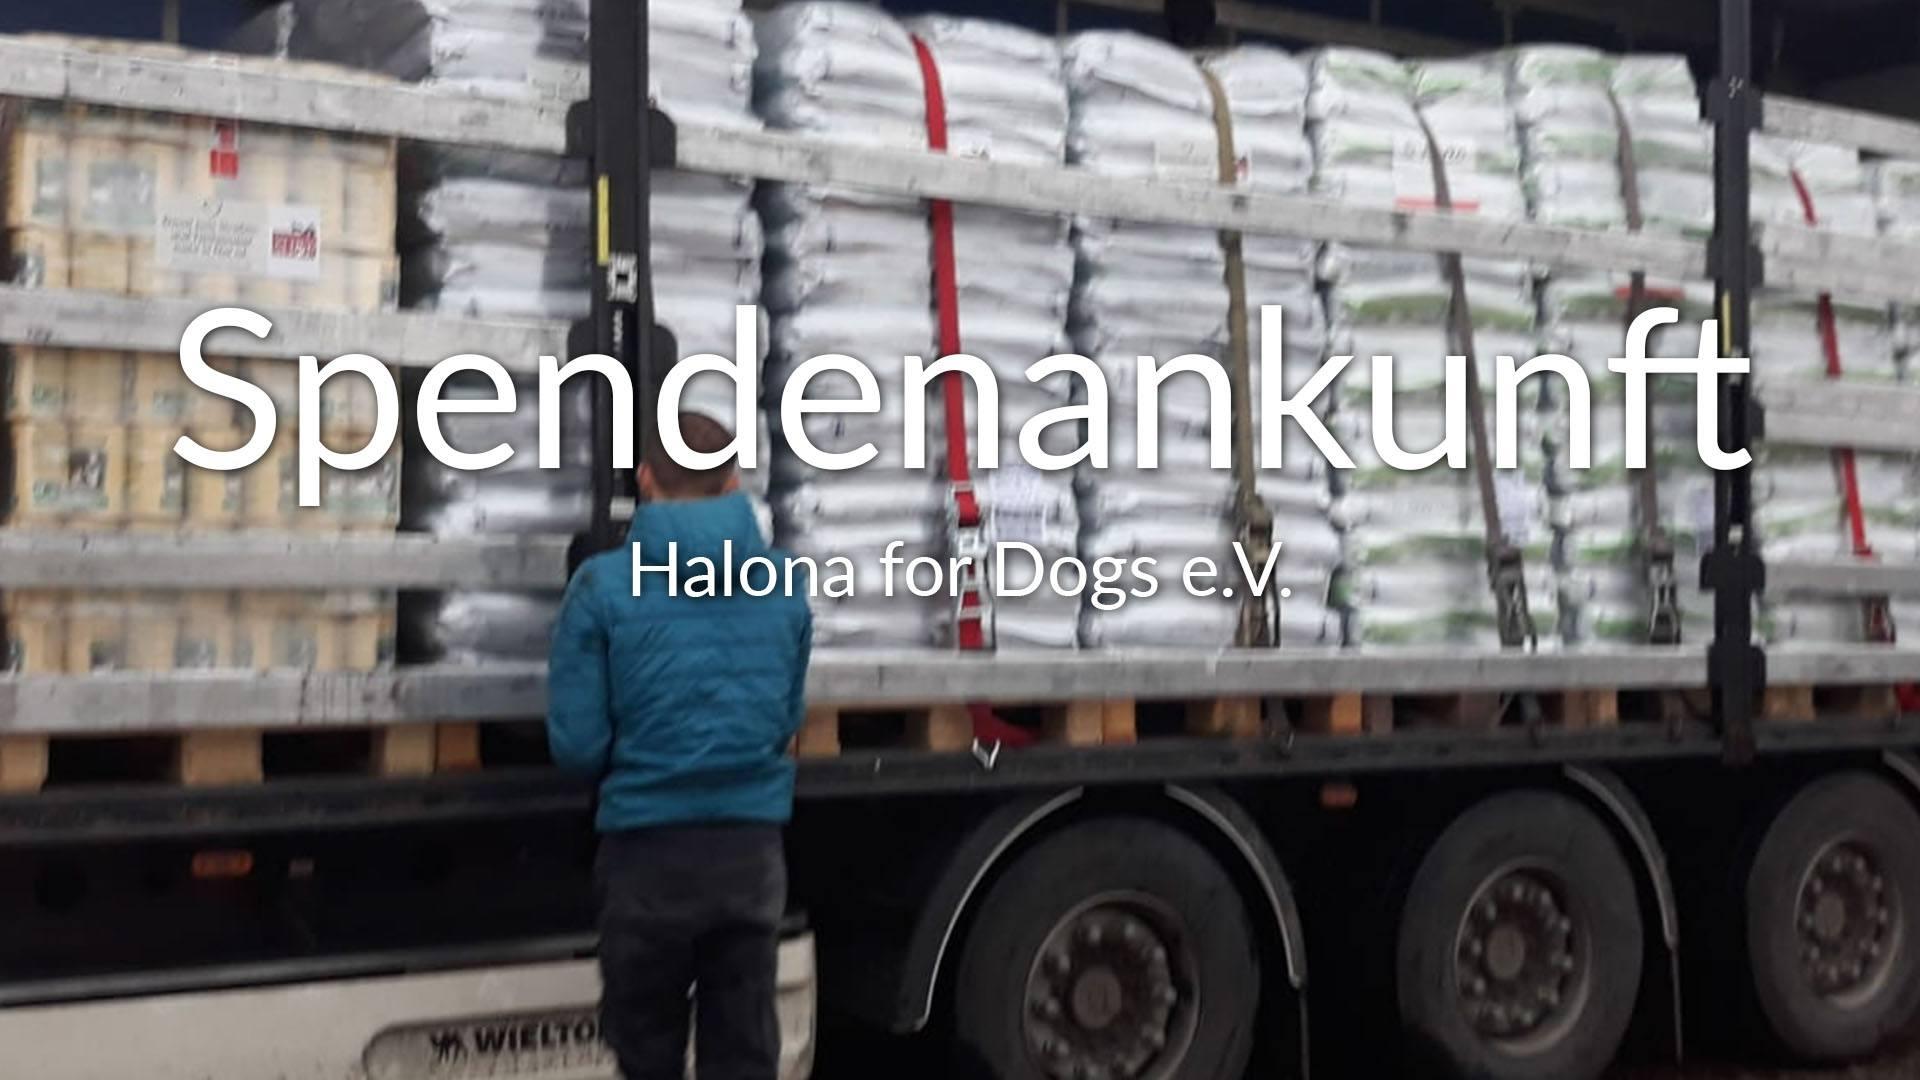 Halona for Dogs e.V_ThdM September Griechenland_Thumbnial